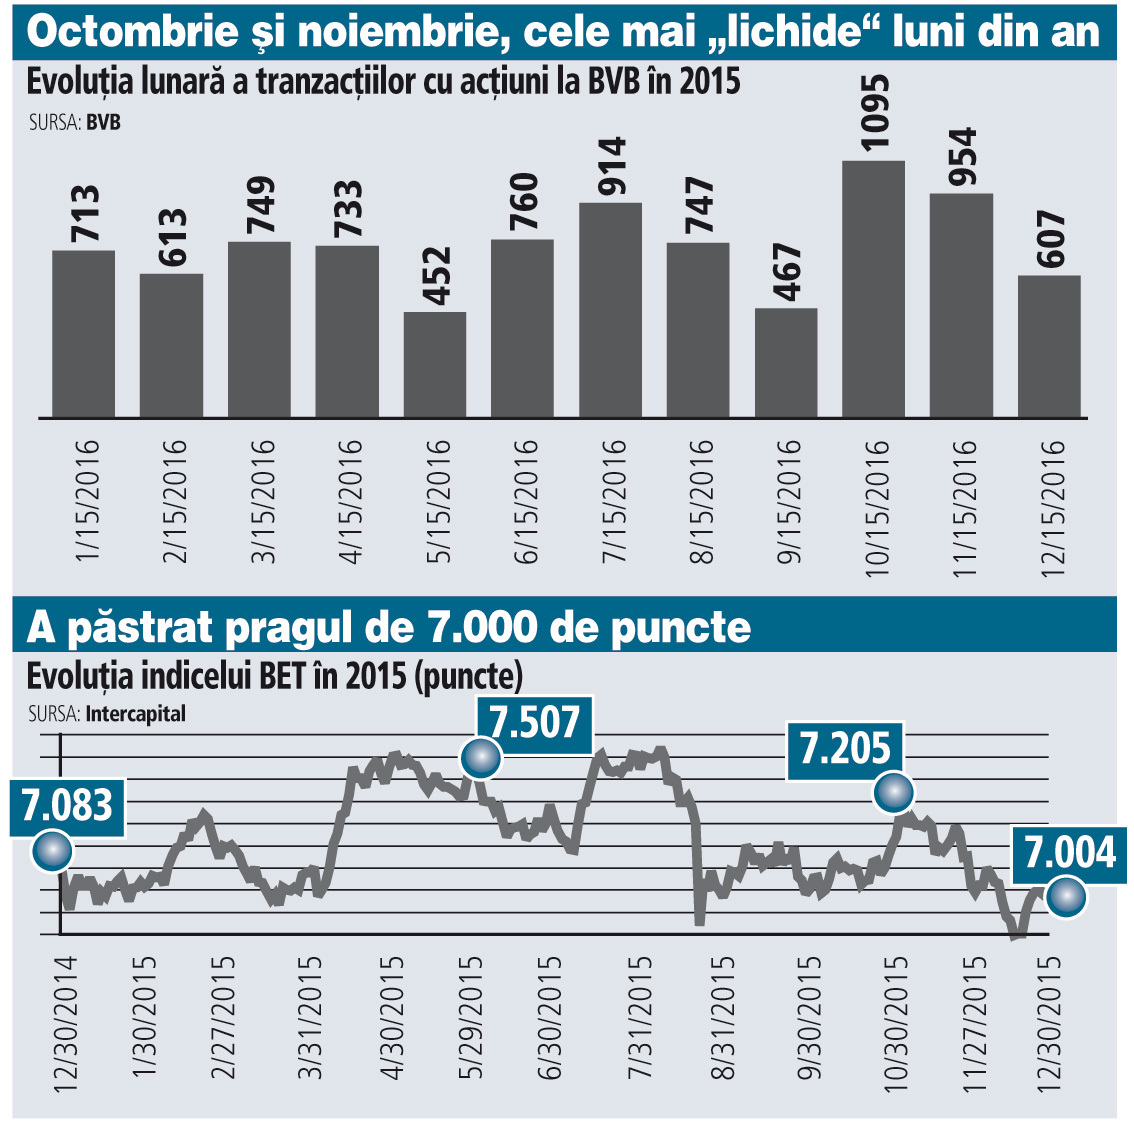 Estimări contracție economică de -4,7%